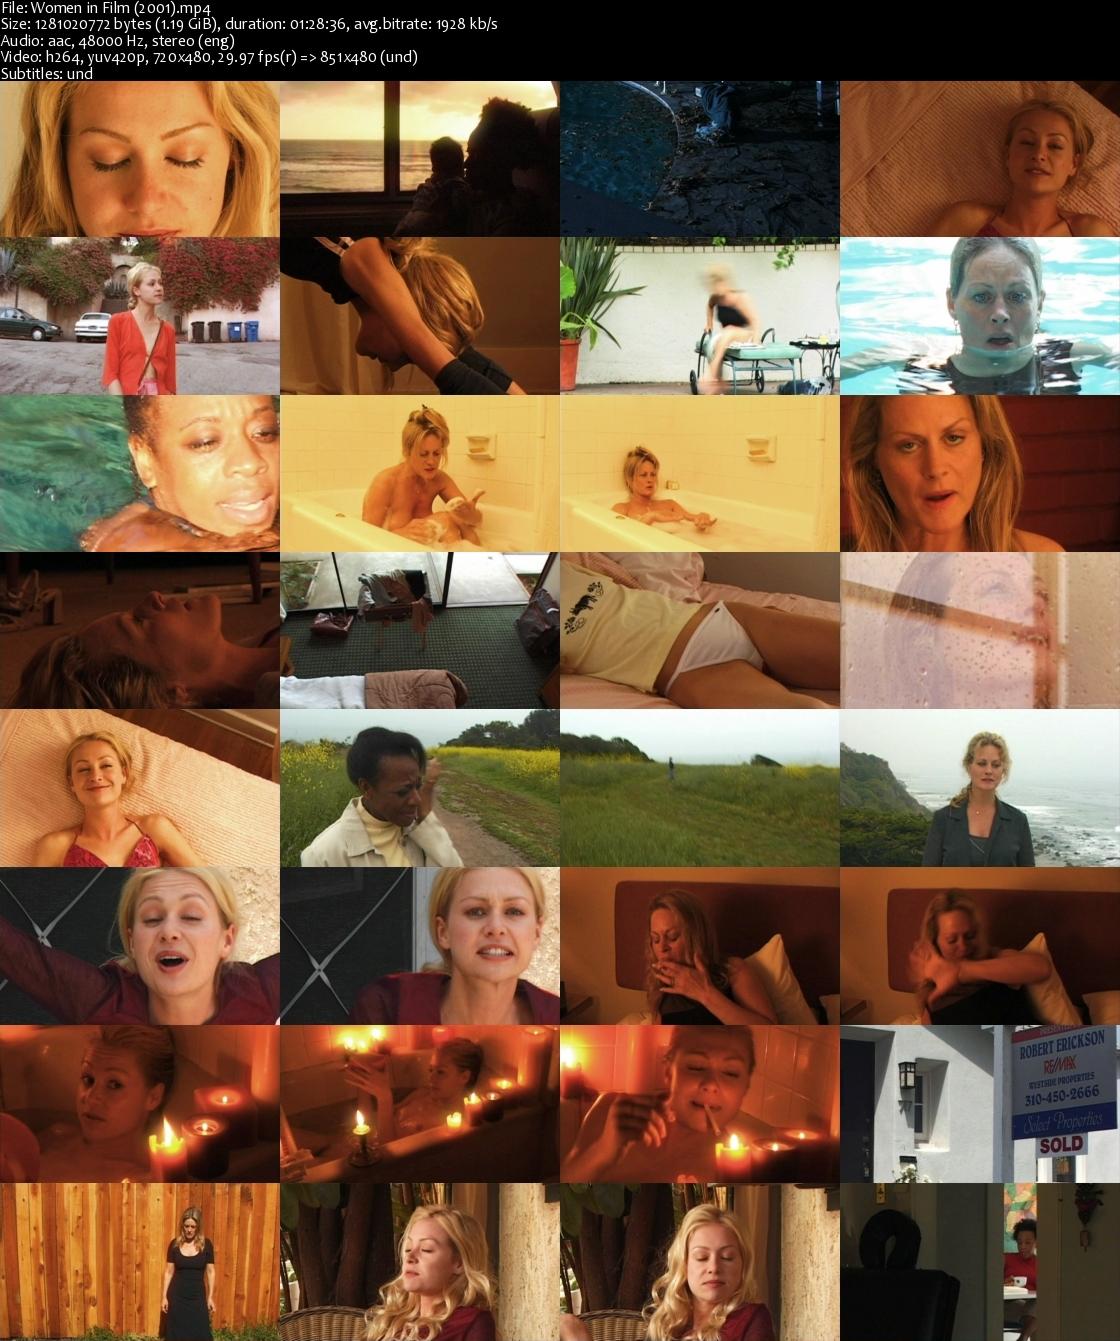 women_in_film_2001